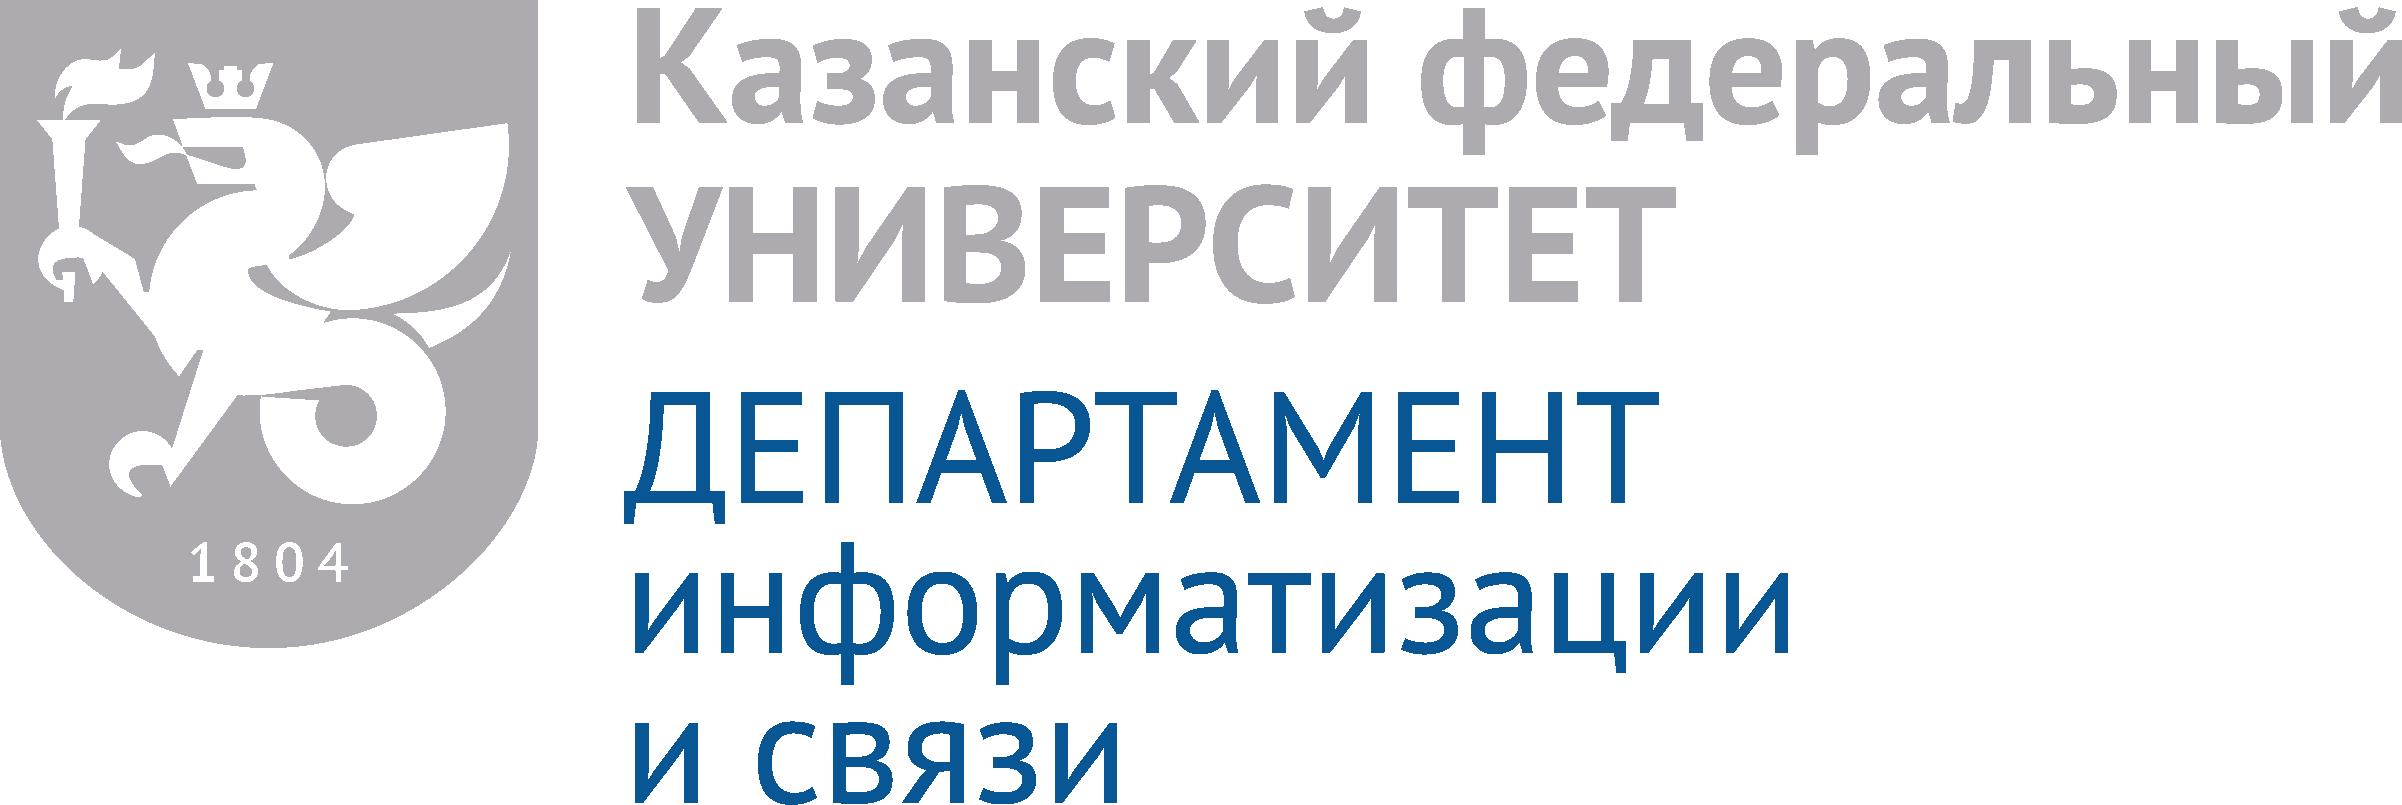 ПОРТАЛ КФУ \ Об Университете \ Структура КФУ \ Управленческие подразделения \ Департамент информатизации и связи